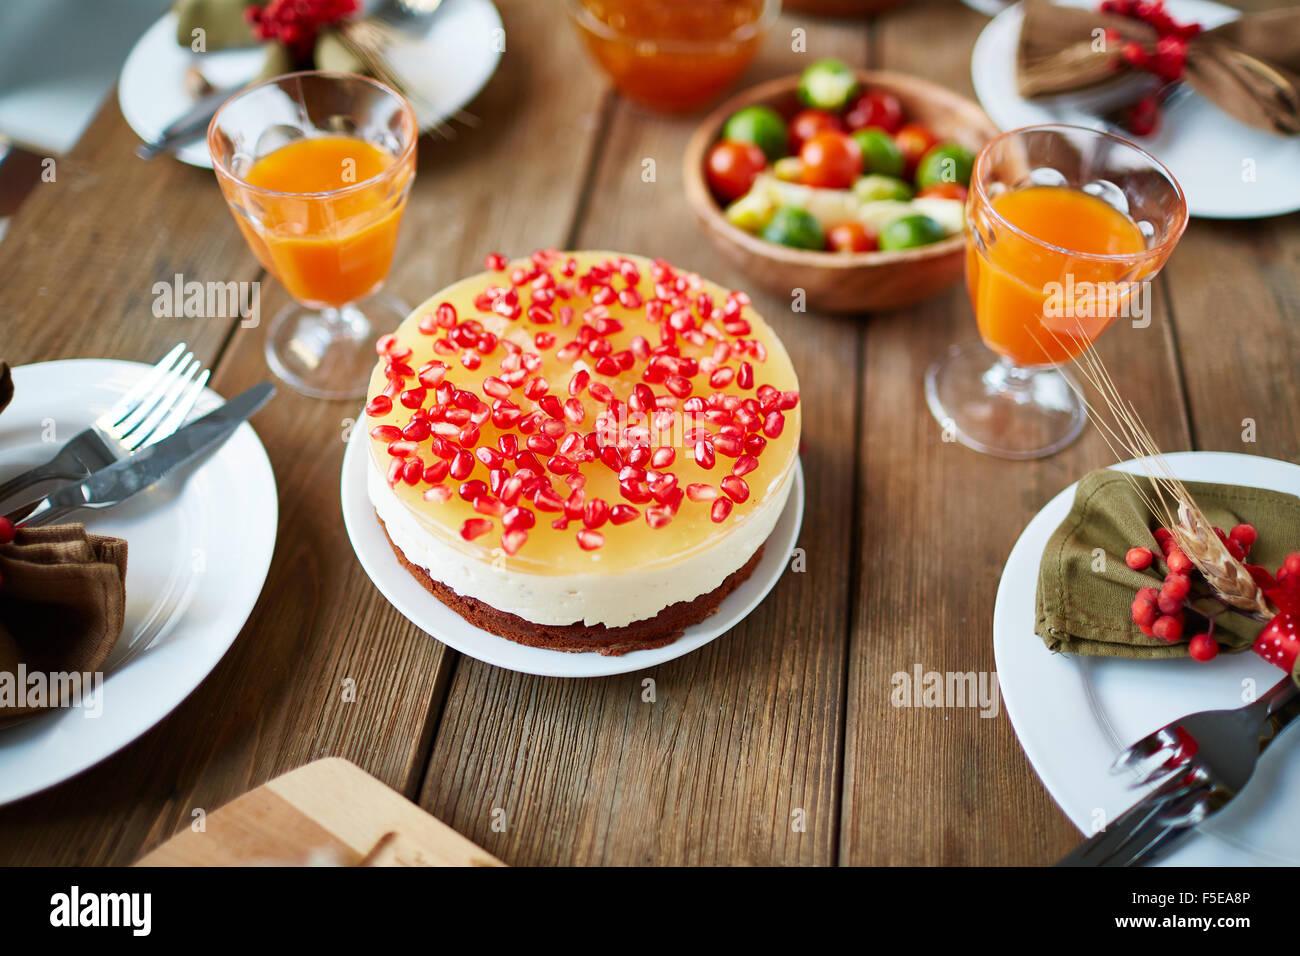 Appetitlich Thanksgiving-Dessert mit Granatapfel Samen auf festlich gedeckten Tisch Stockbild